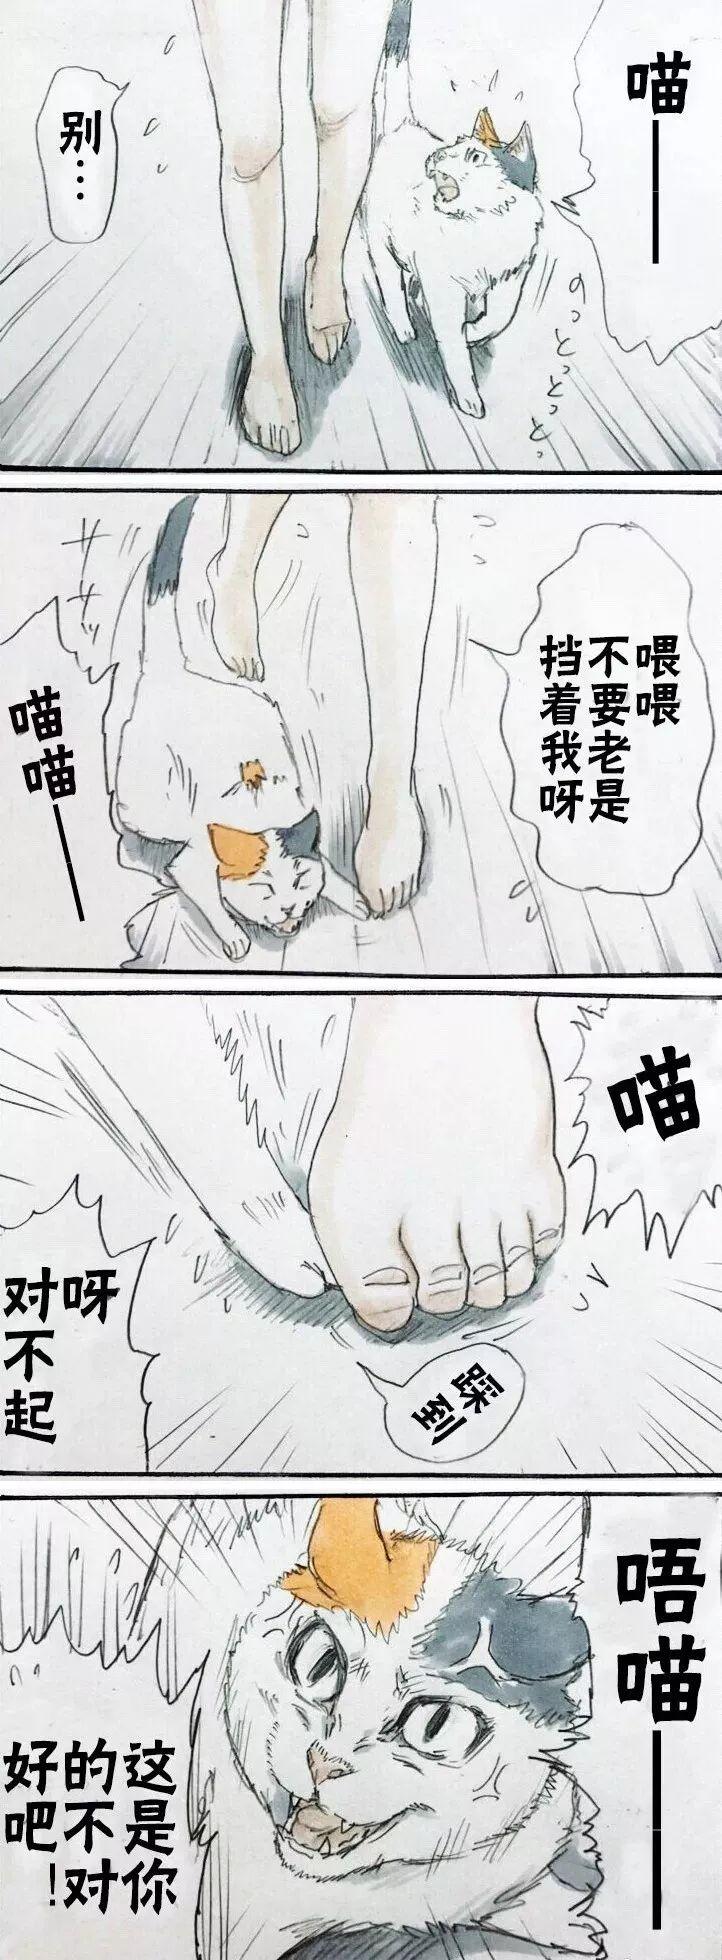 日本推主以漫画形式展现了猫与主人的日常,网友:太真实了